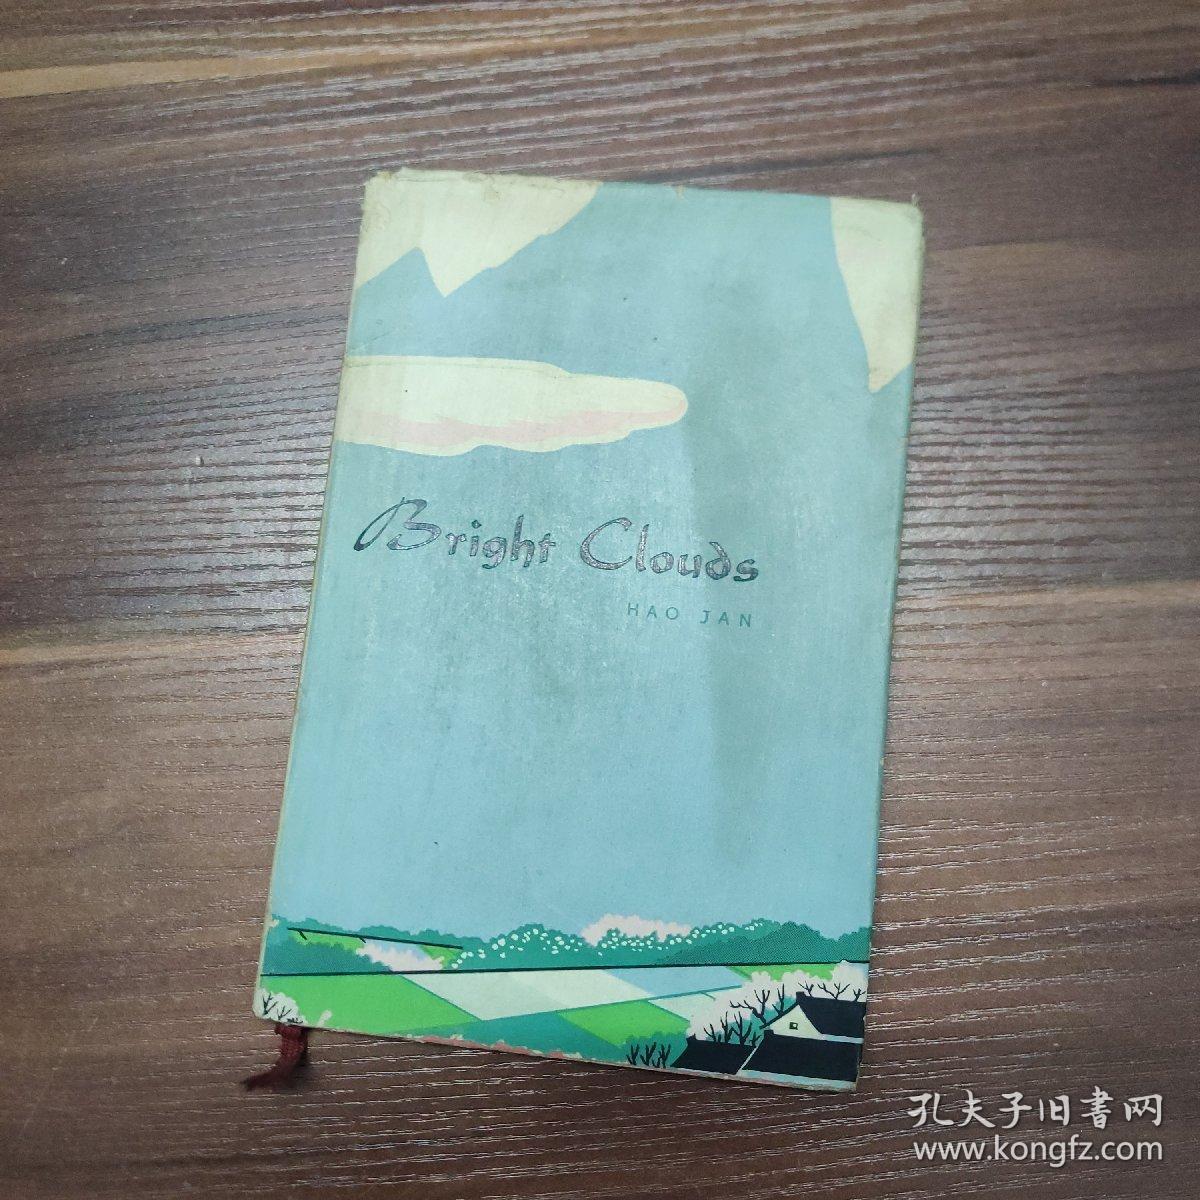 Bright Clouds 彩霞[英文版34开精装 [董辰生、陈玉先/插图]